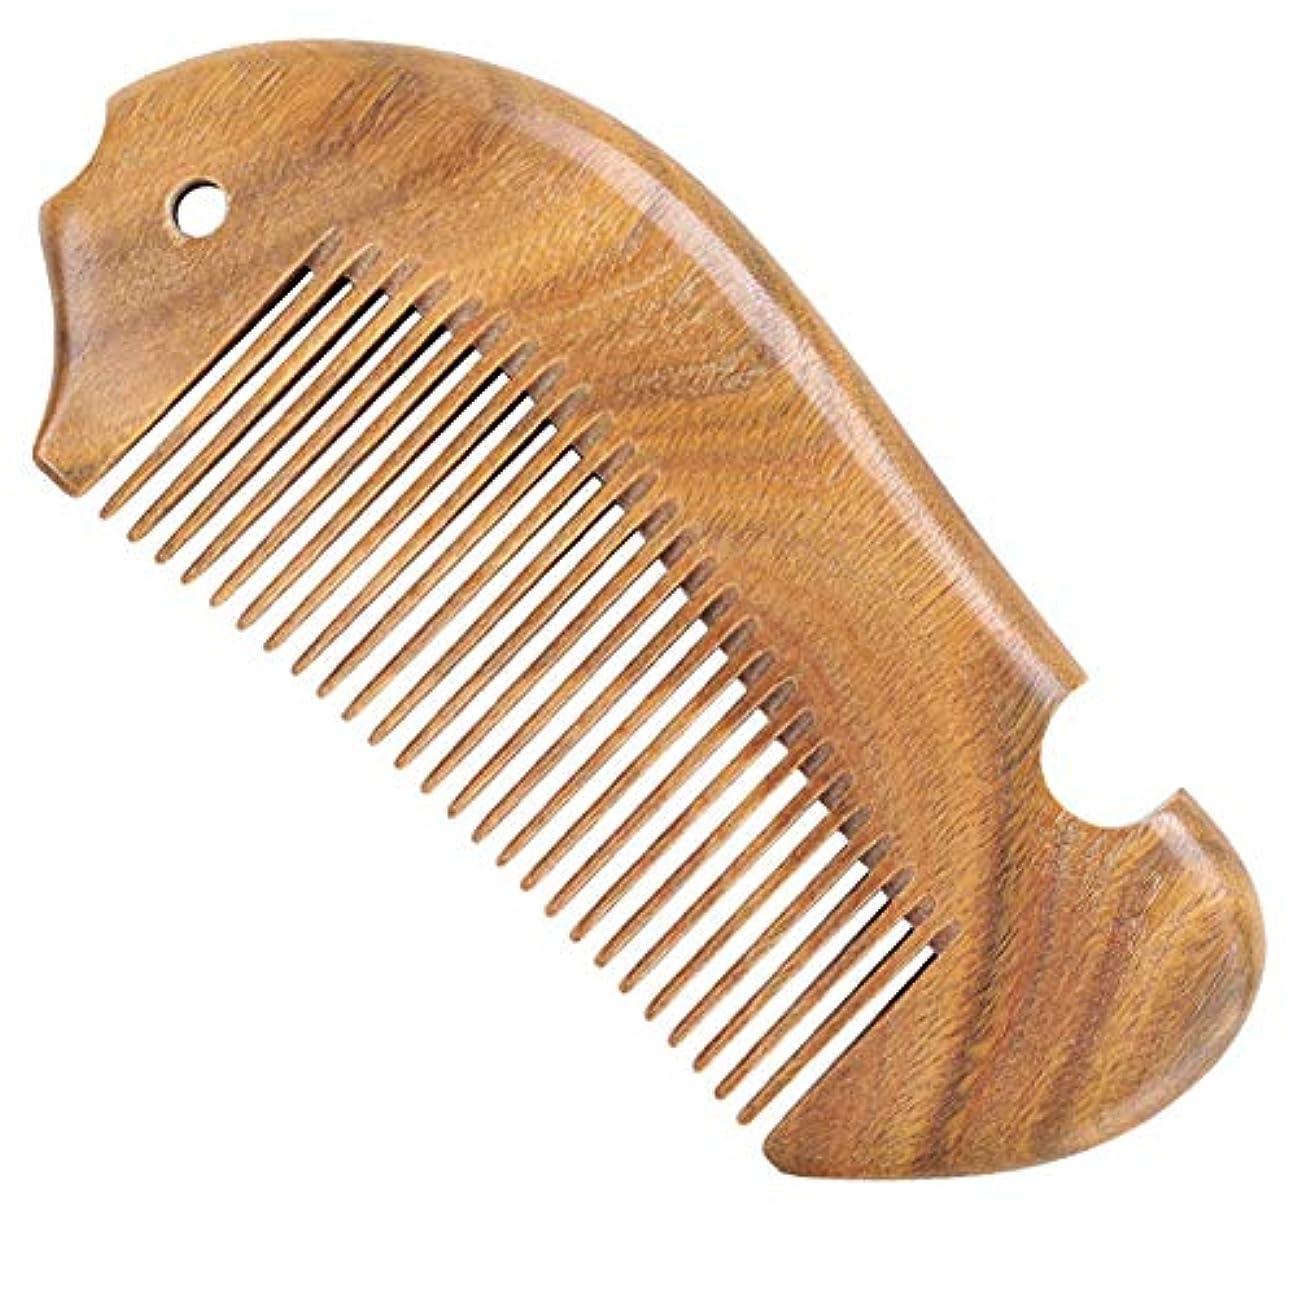 先行する助手反応するALIVEON 高級木製櫛 ヘアブラシ つげ櫛 頭皮マッサージ 天然緑檀 ヘアコーム 静電気防止 男女兼用